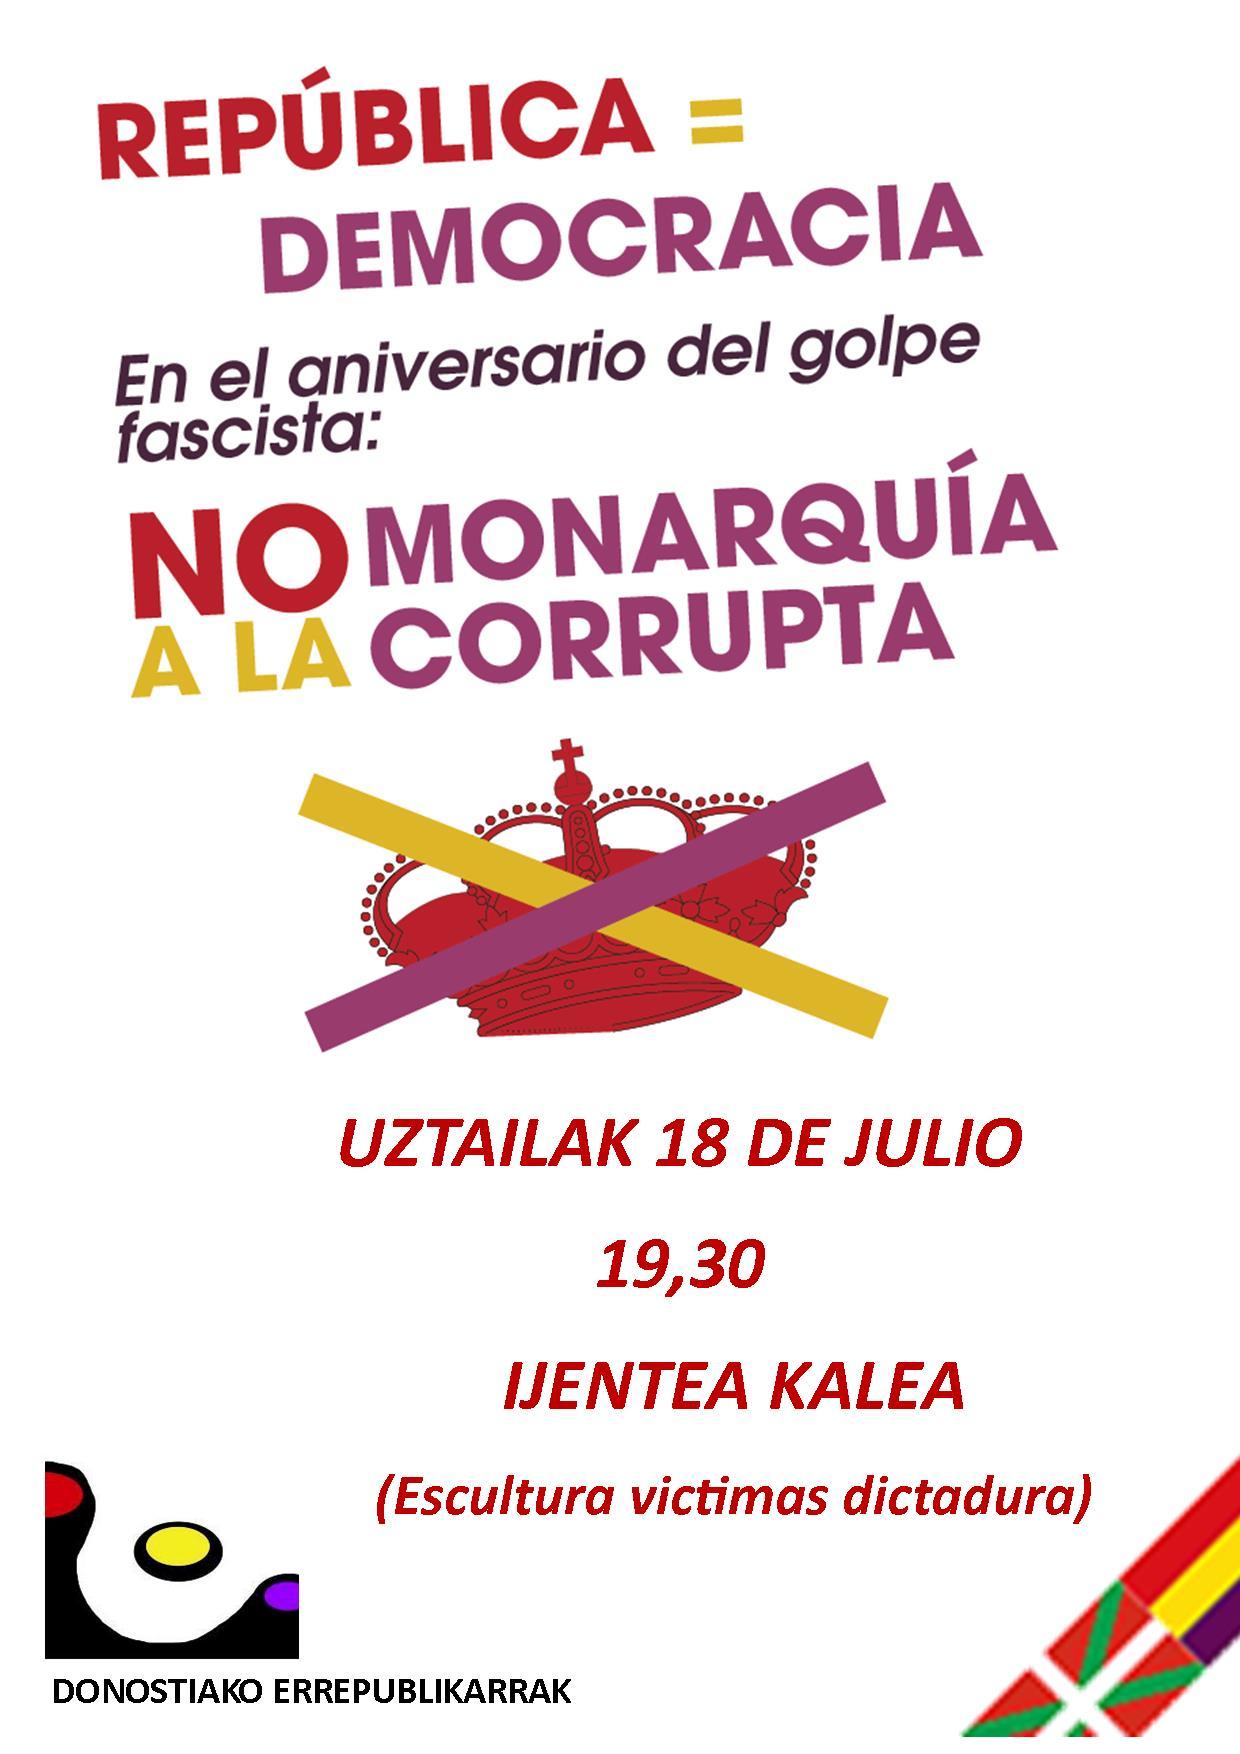 Democracia es República, no a la monarquía corrupta. Concentración  en Donostia,18 de Julio.